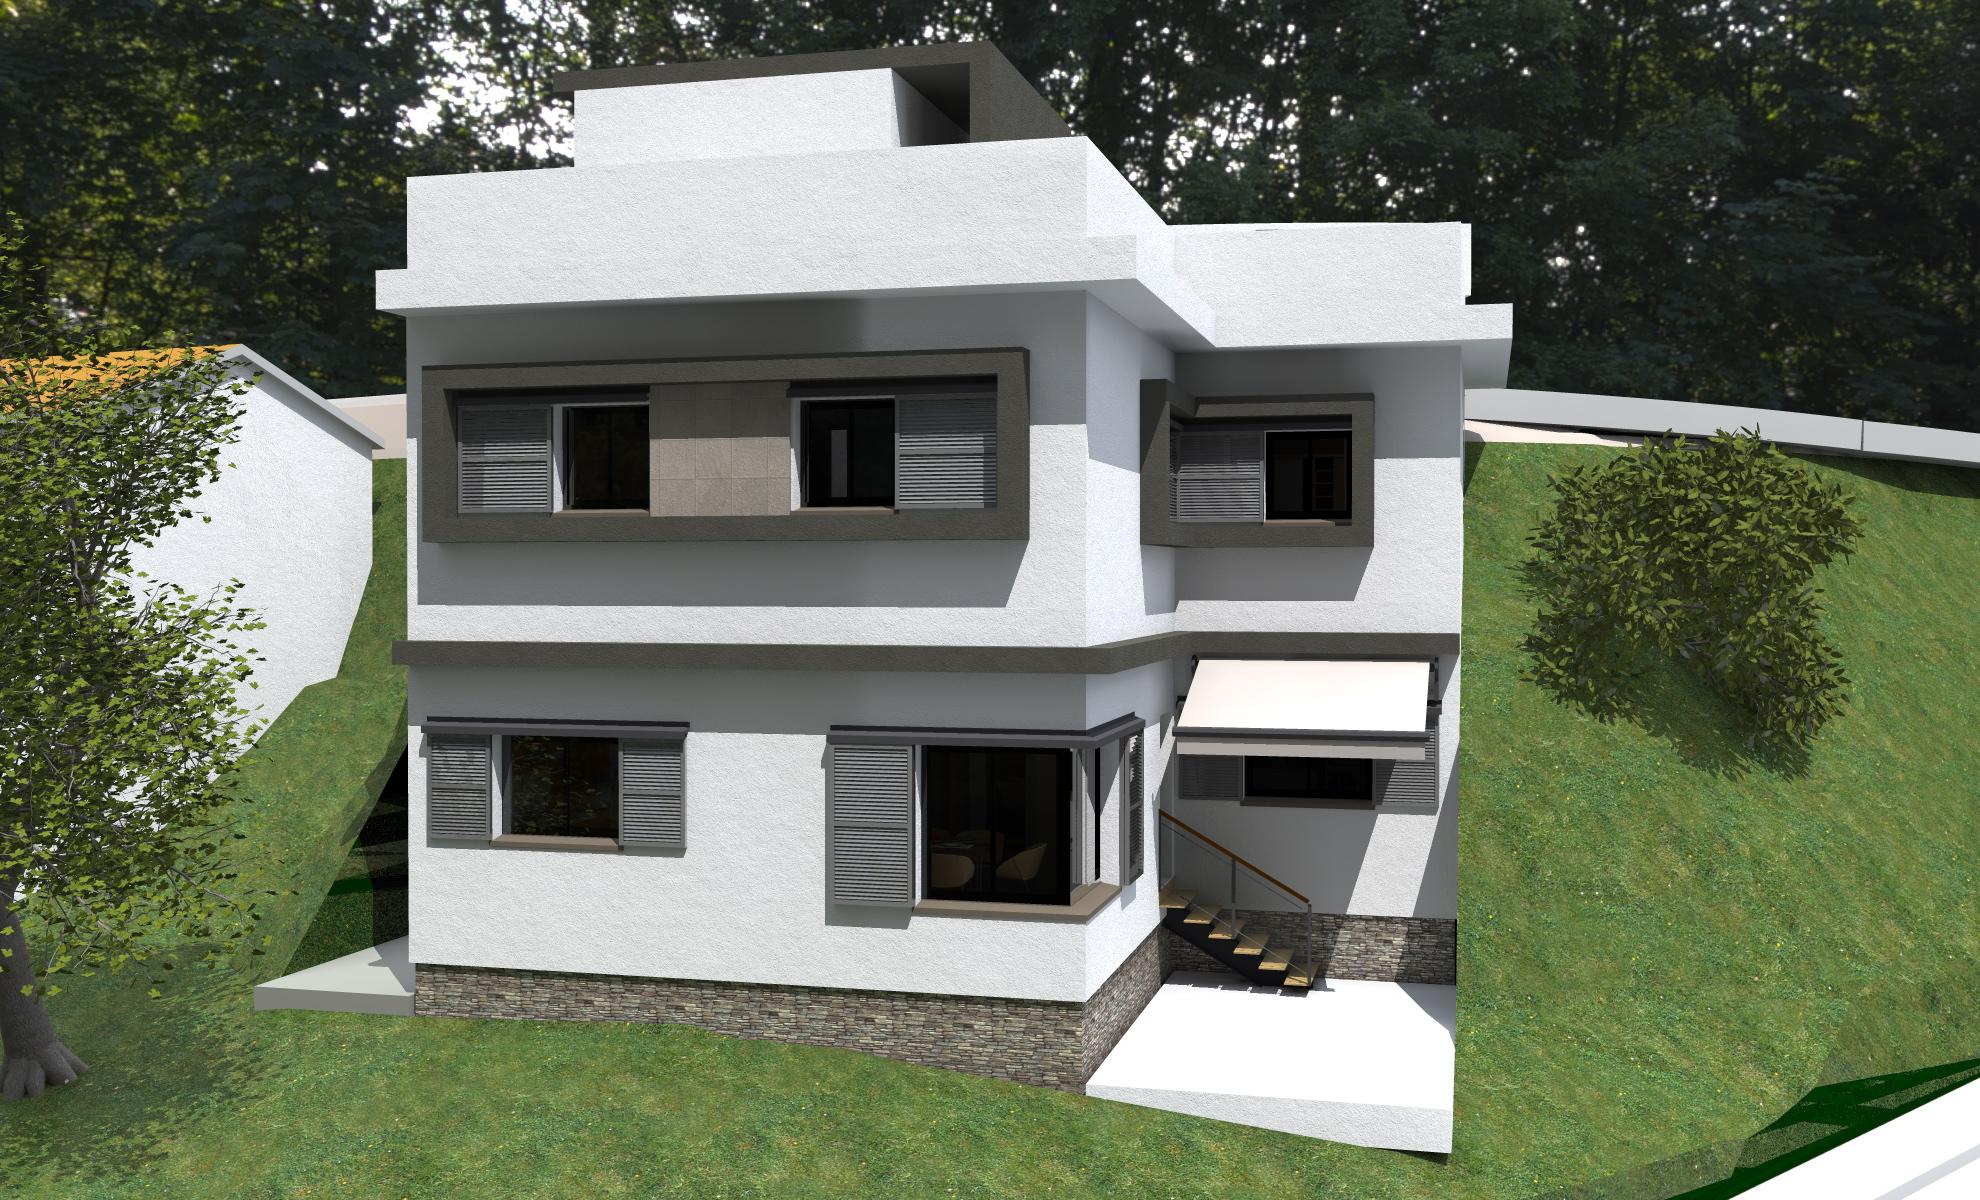 Garquitectos Arquitectura Verde